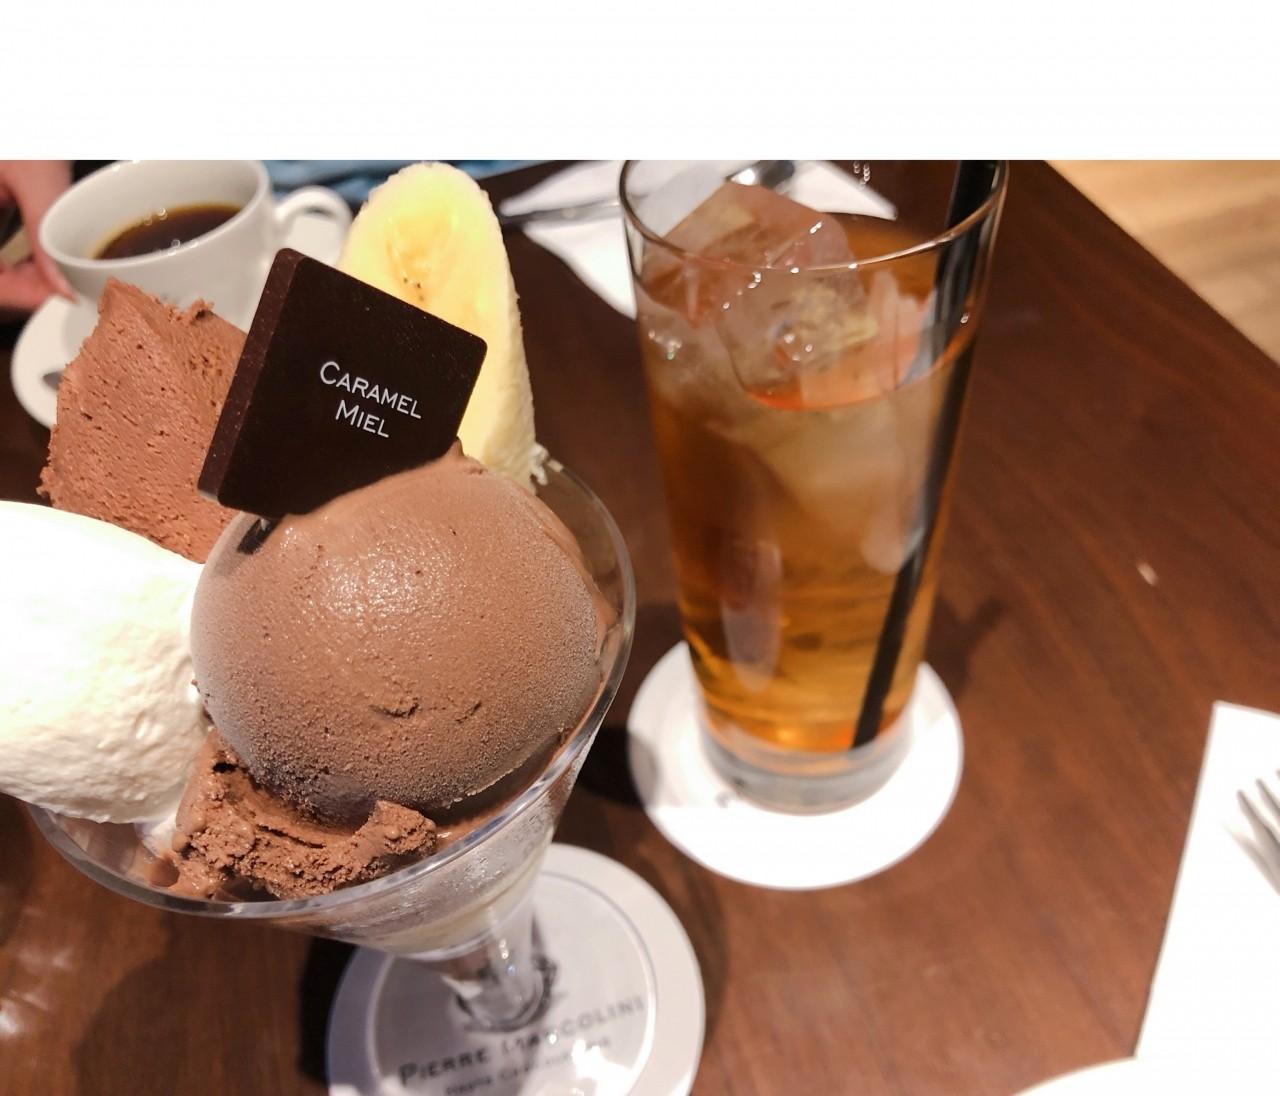 バレンタイン目前♡チョコレート専門店でチョコレートパフェを♪